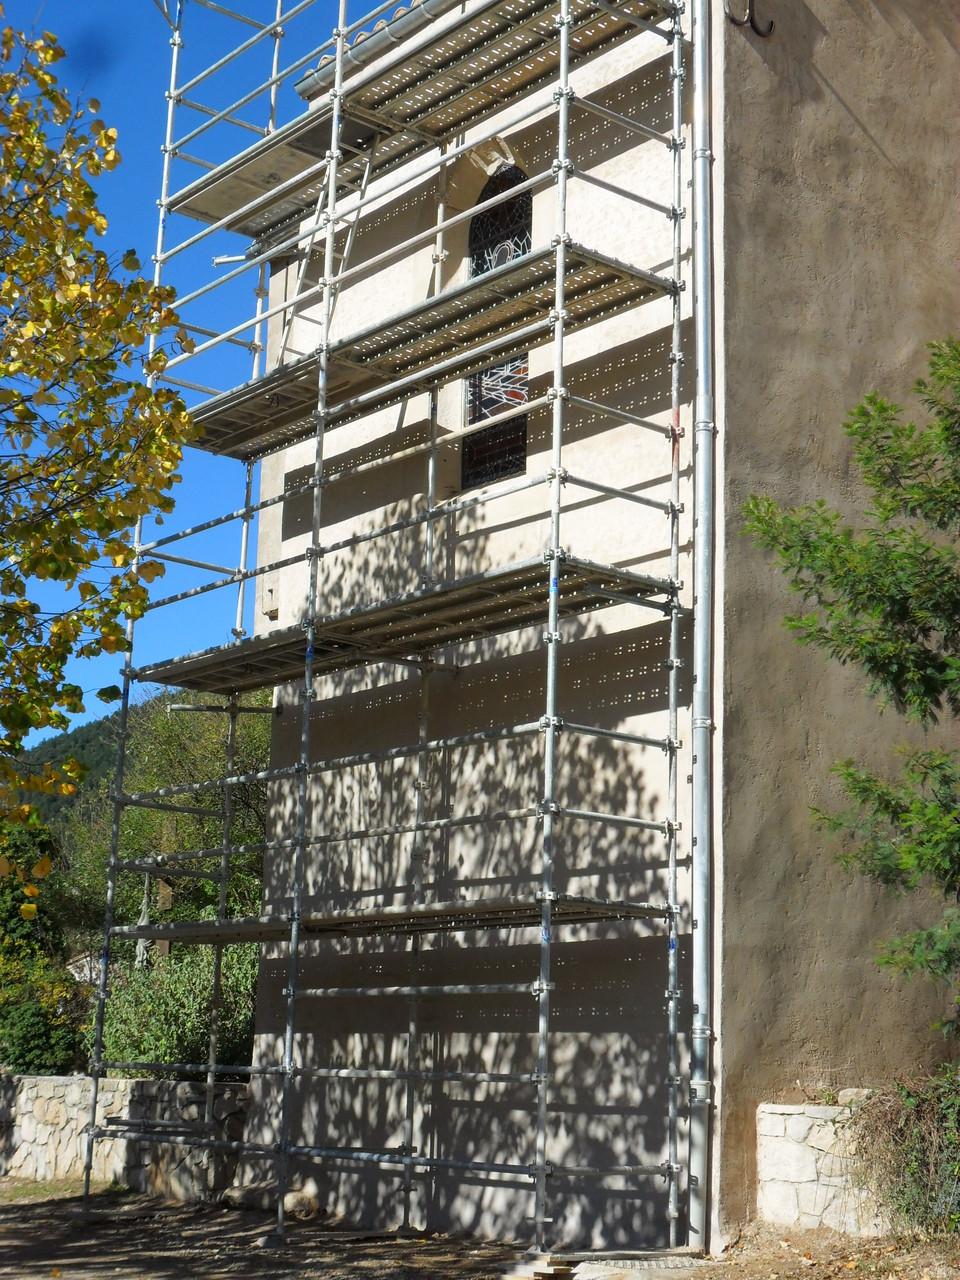 Restauration Eglise de St Etienne de Gourgas 34